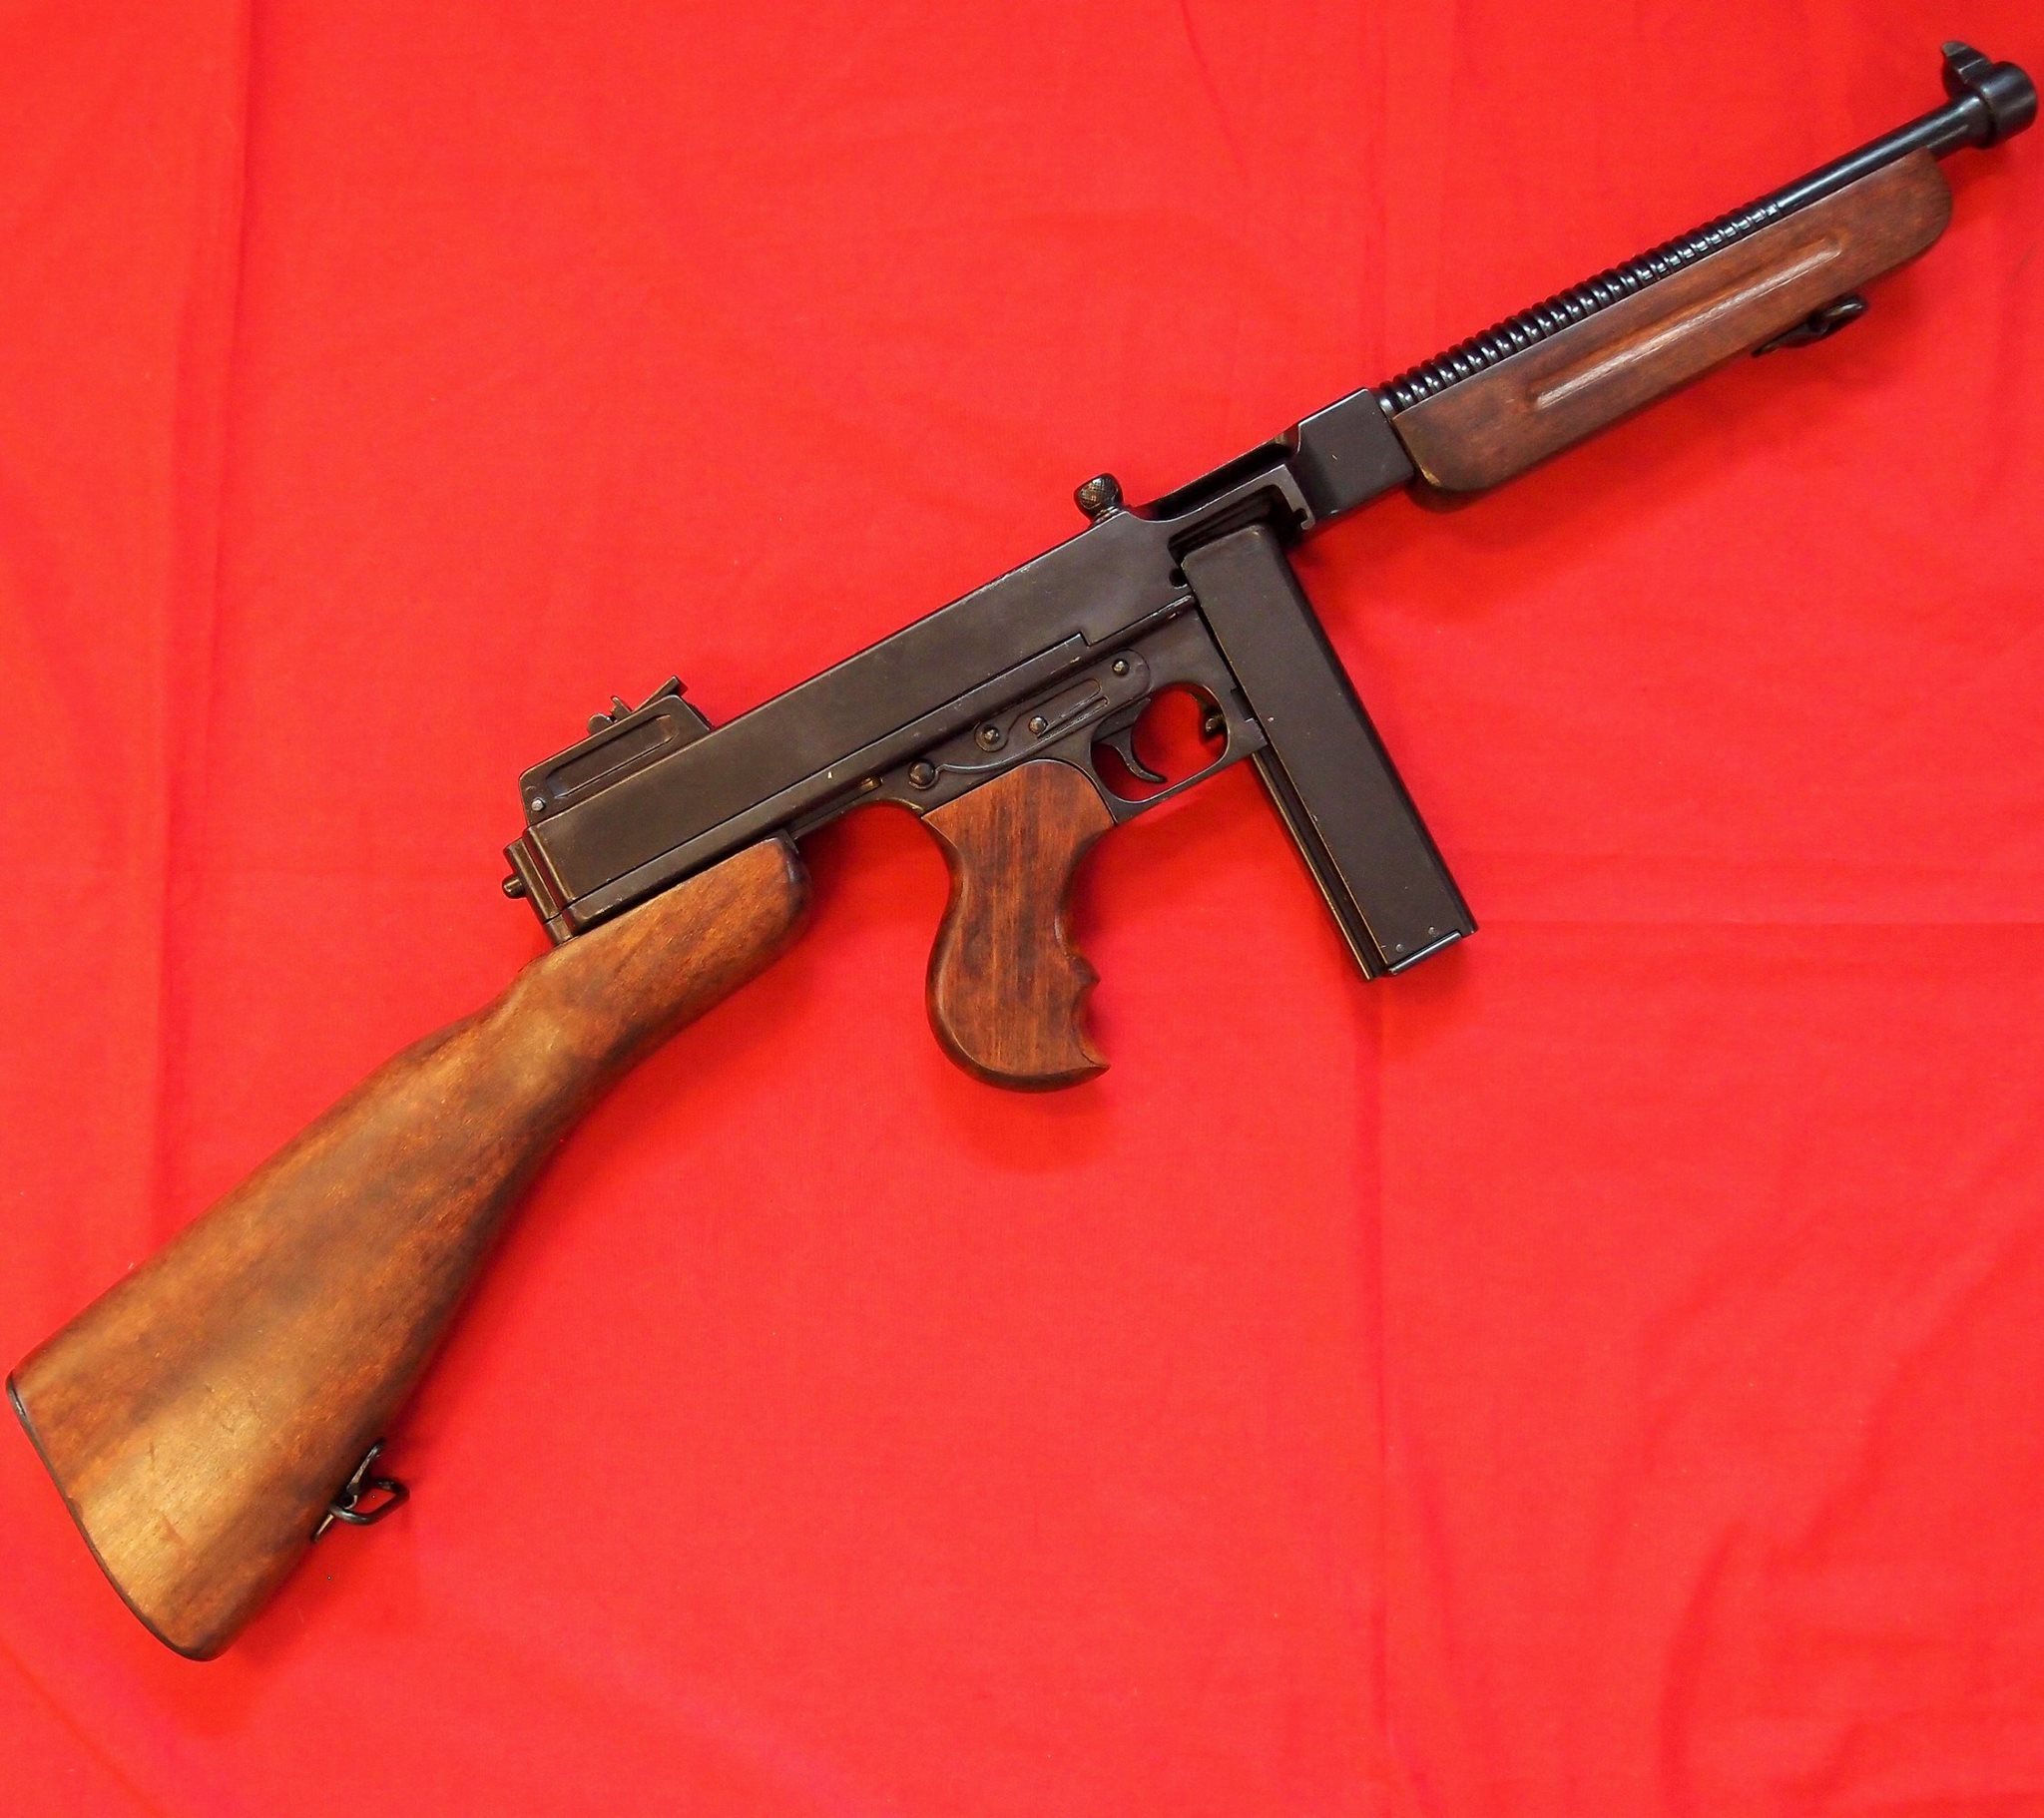 REPLICA WW2 US THOMSON SUB MACHINE GUN BY DENIX